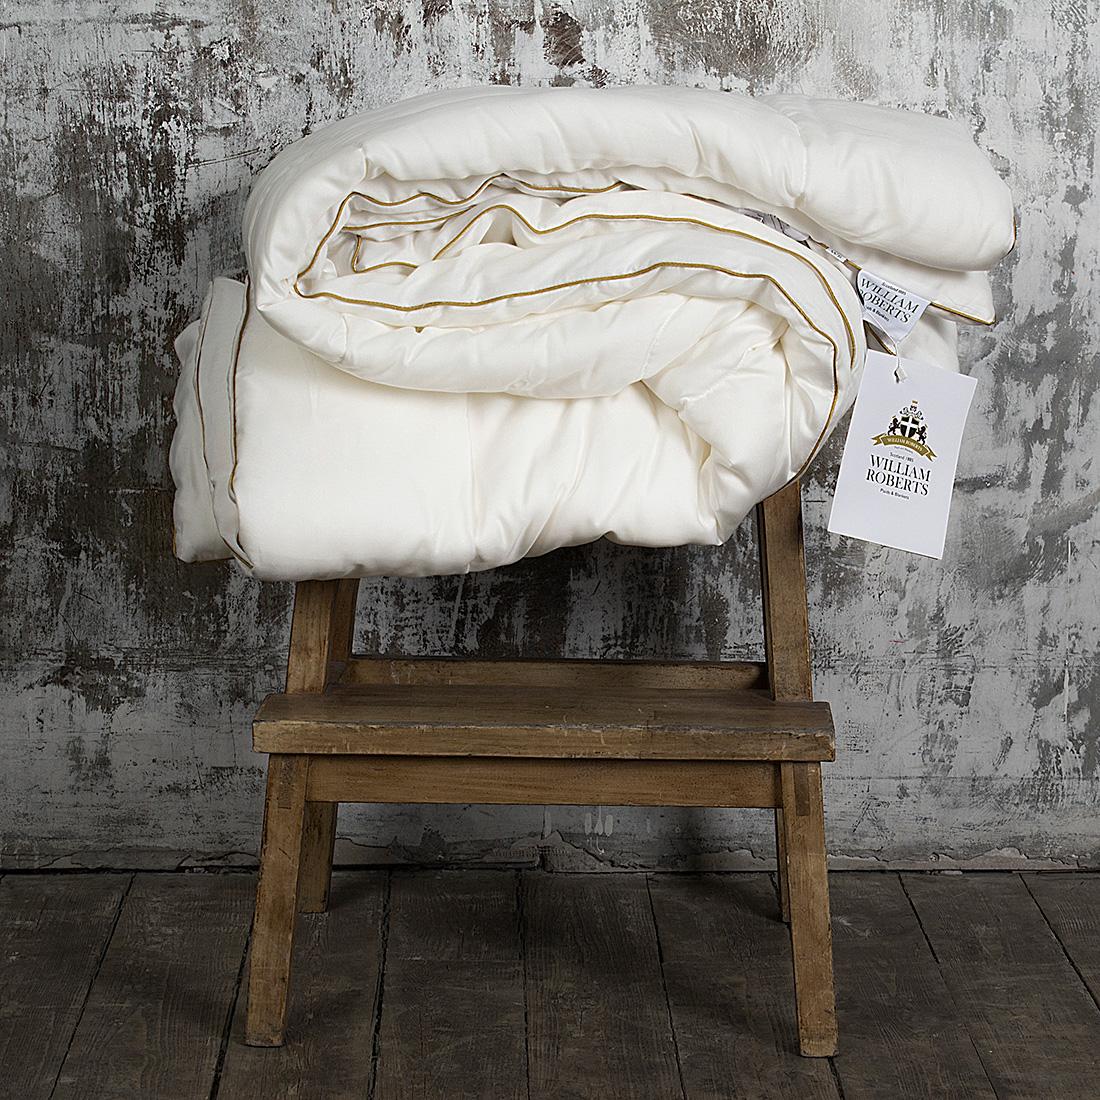 Одеяла William Roberts